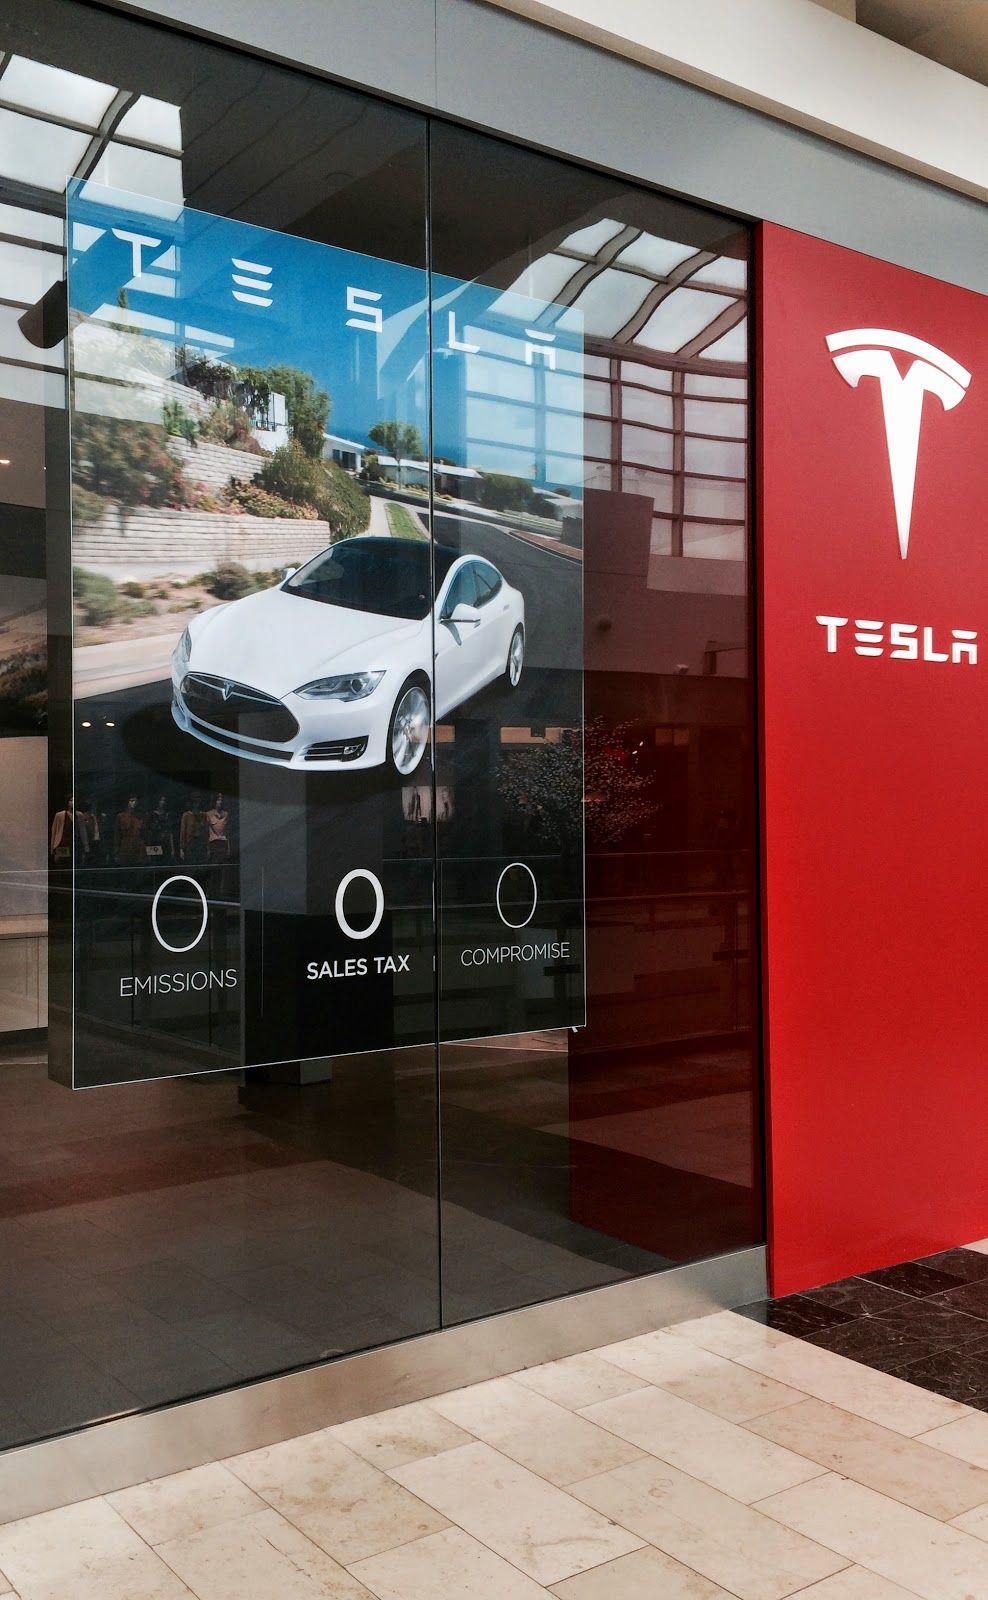 Shocking Car News Many greencar buyers will find federal